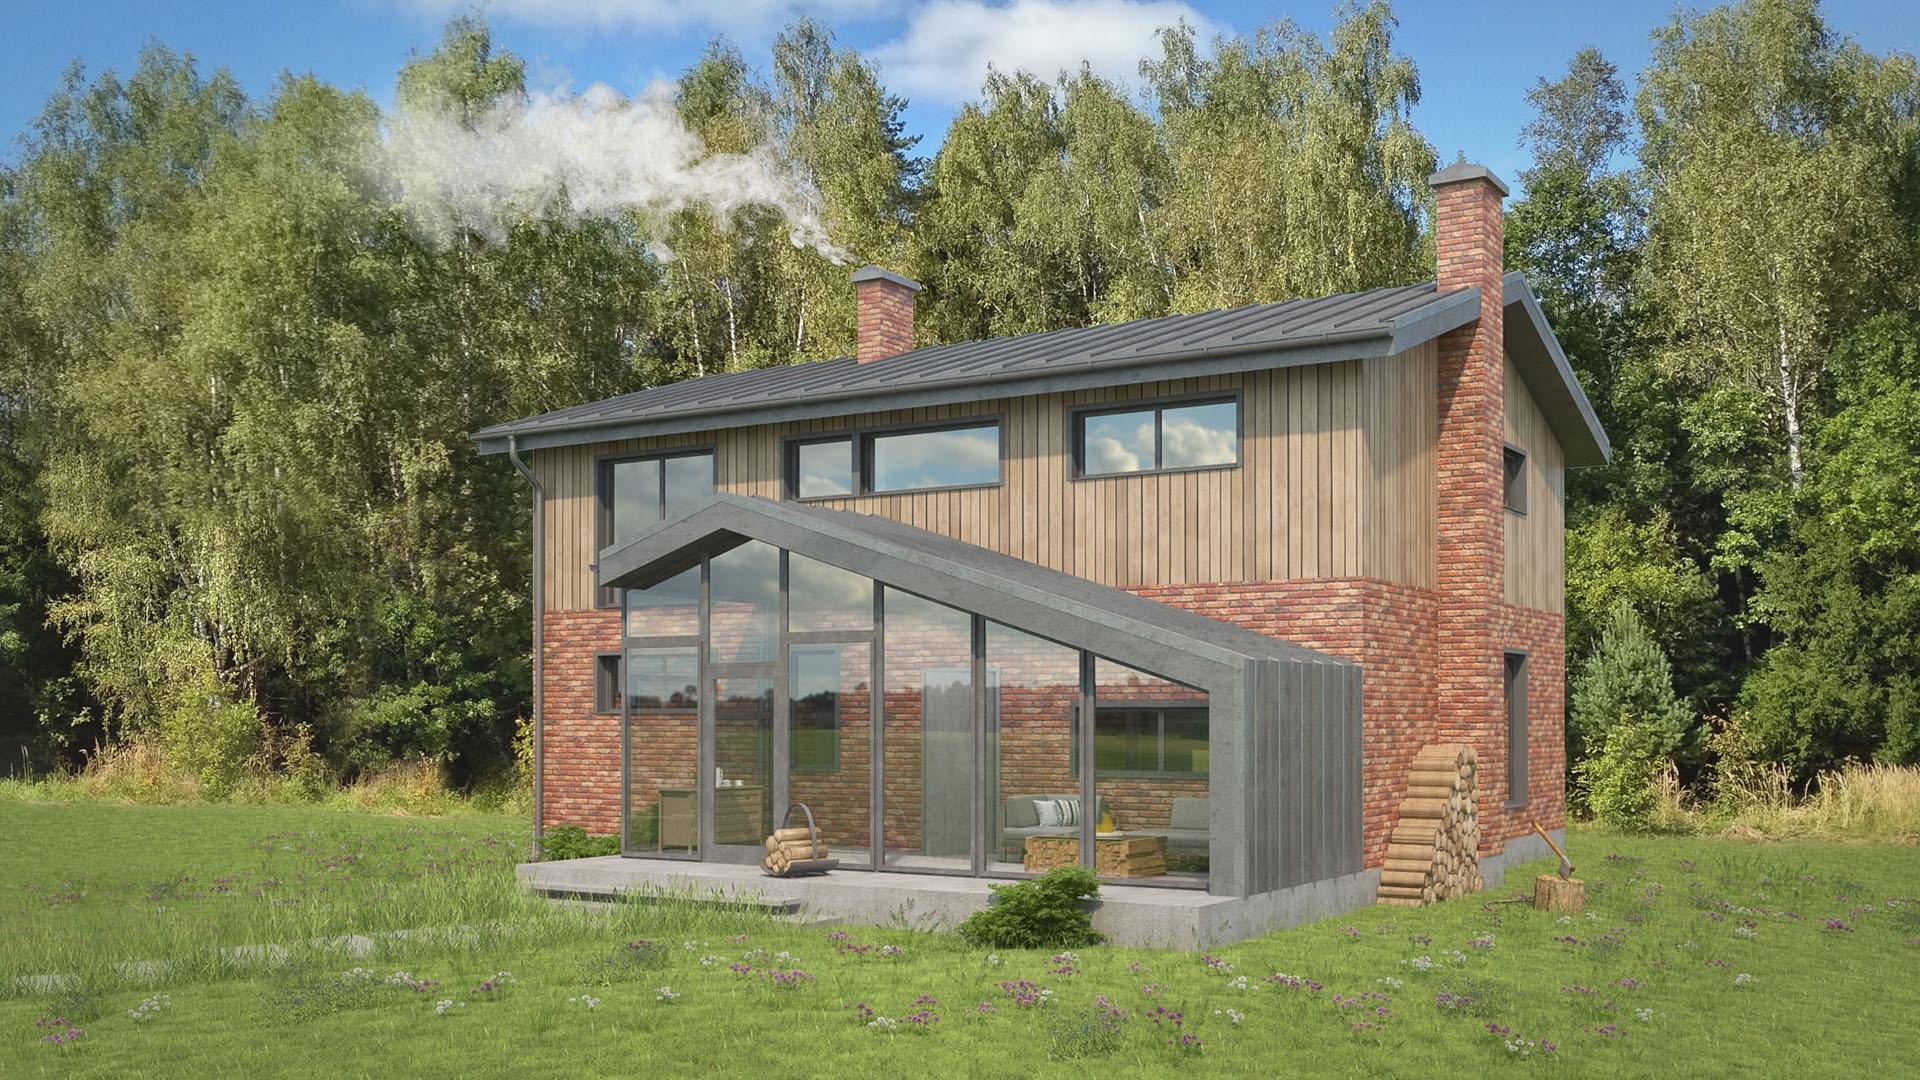 Изображение для проекта Современное поместье для большой семьи 2167